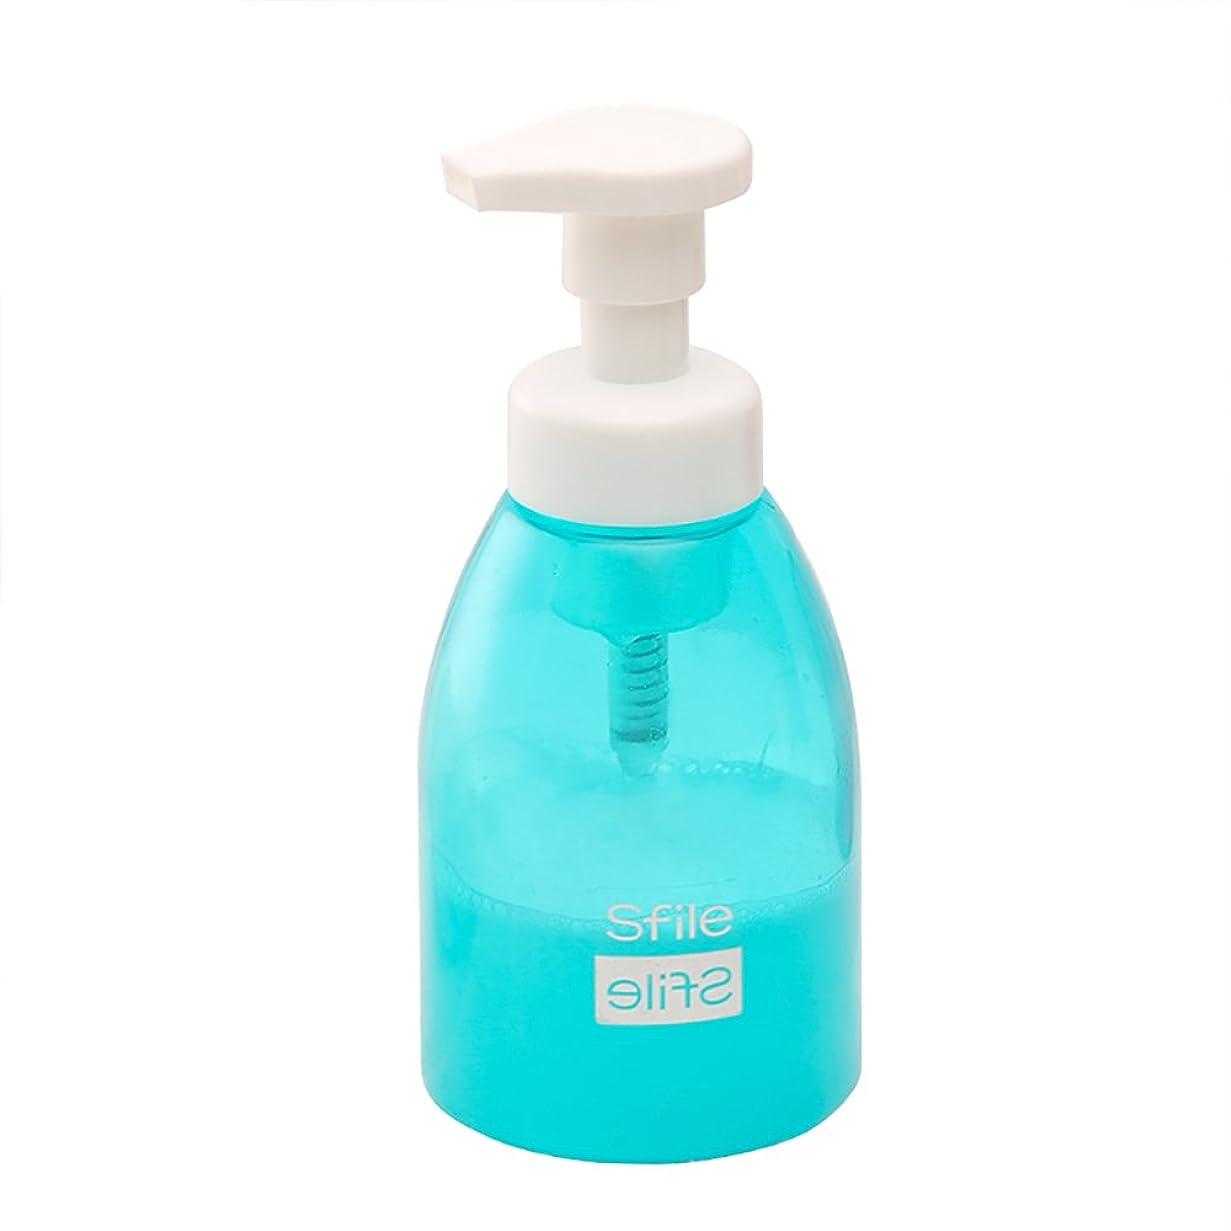 母性沿ってキャロライン泡立てボトル/ビン/コップ 洗顔用 泡立て器 洗顔フォーム 洗顔ネット 2色 (ブルー)